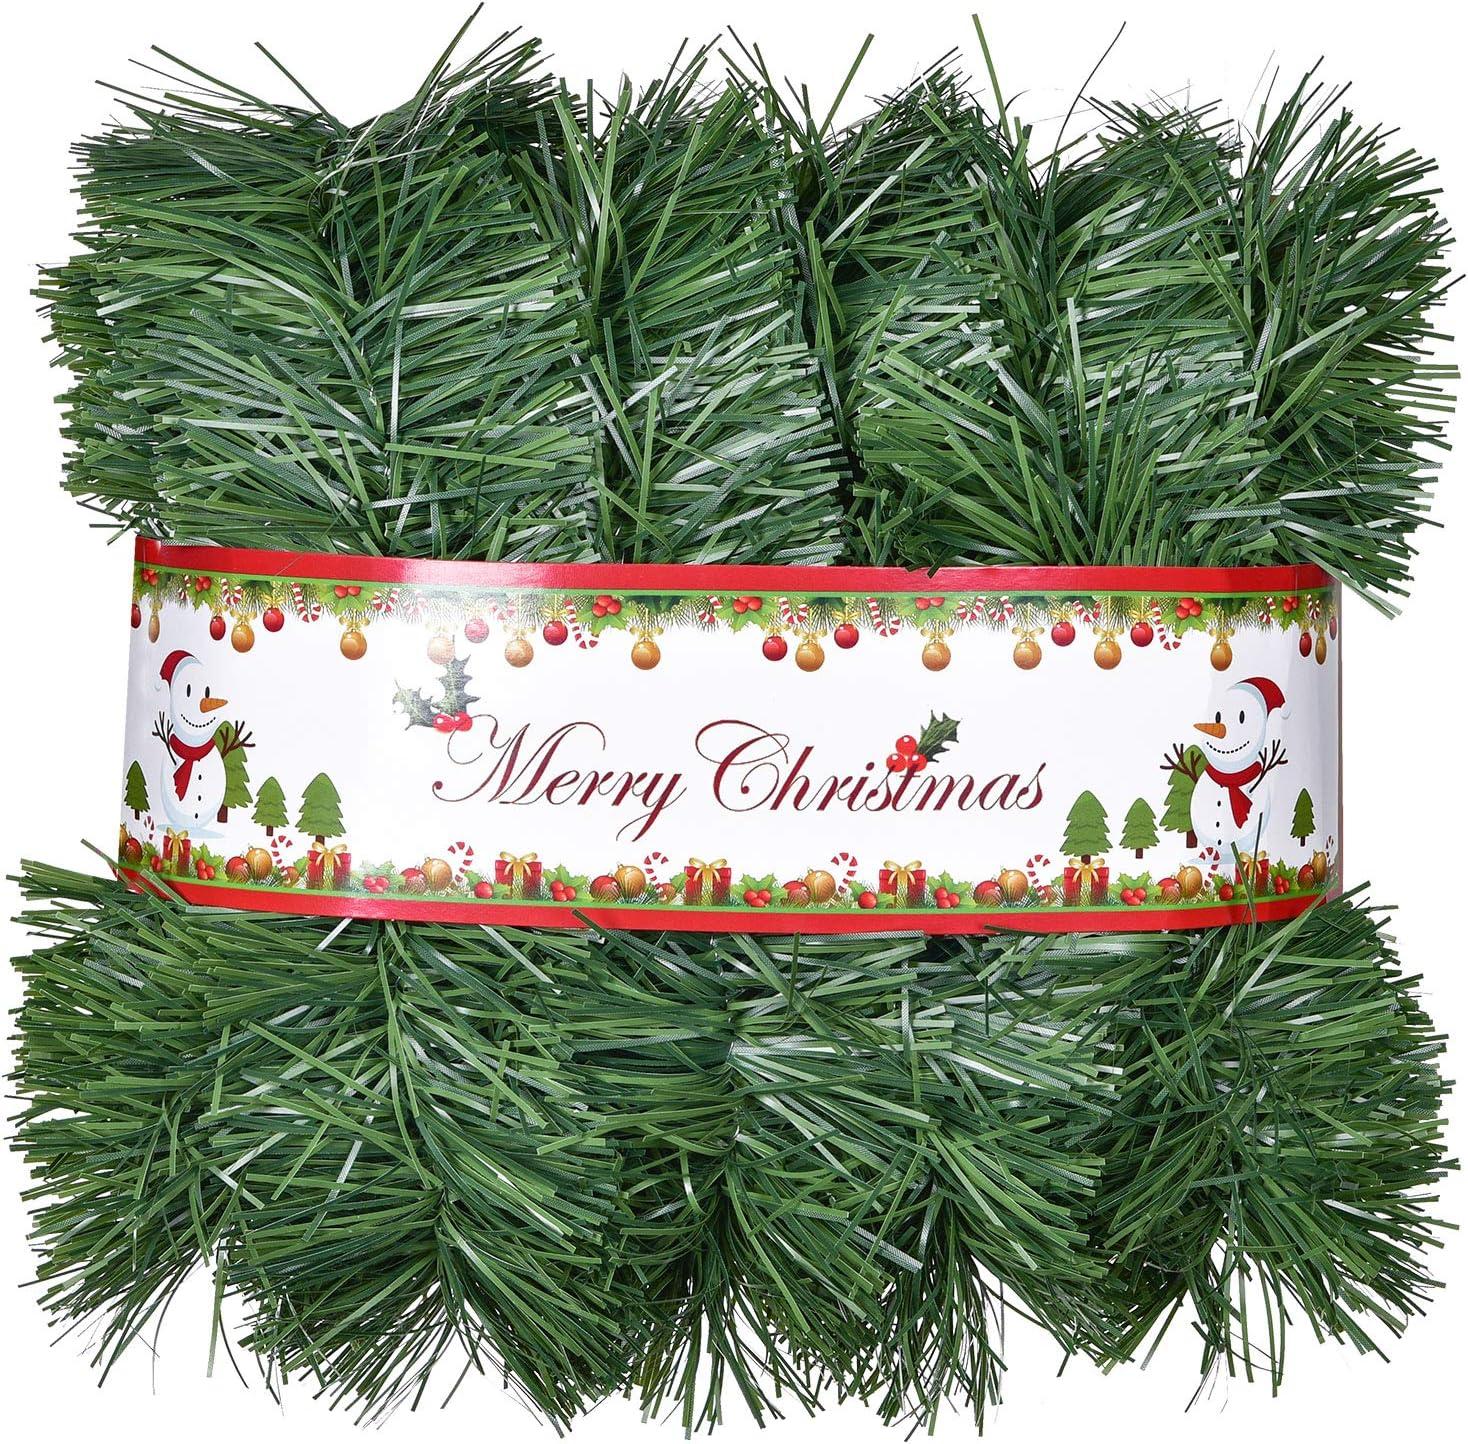 Kunststoff Gr/ün Weihnachten Kiefer Tanne Girlande Weihnachtsdeko T/ürkranz Weihnachten Garland f/ür Kamine Treppe YQing 10 Meter K/ünstliche Tannengirlande Weihnachtsgirlande